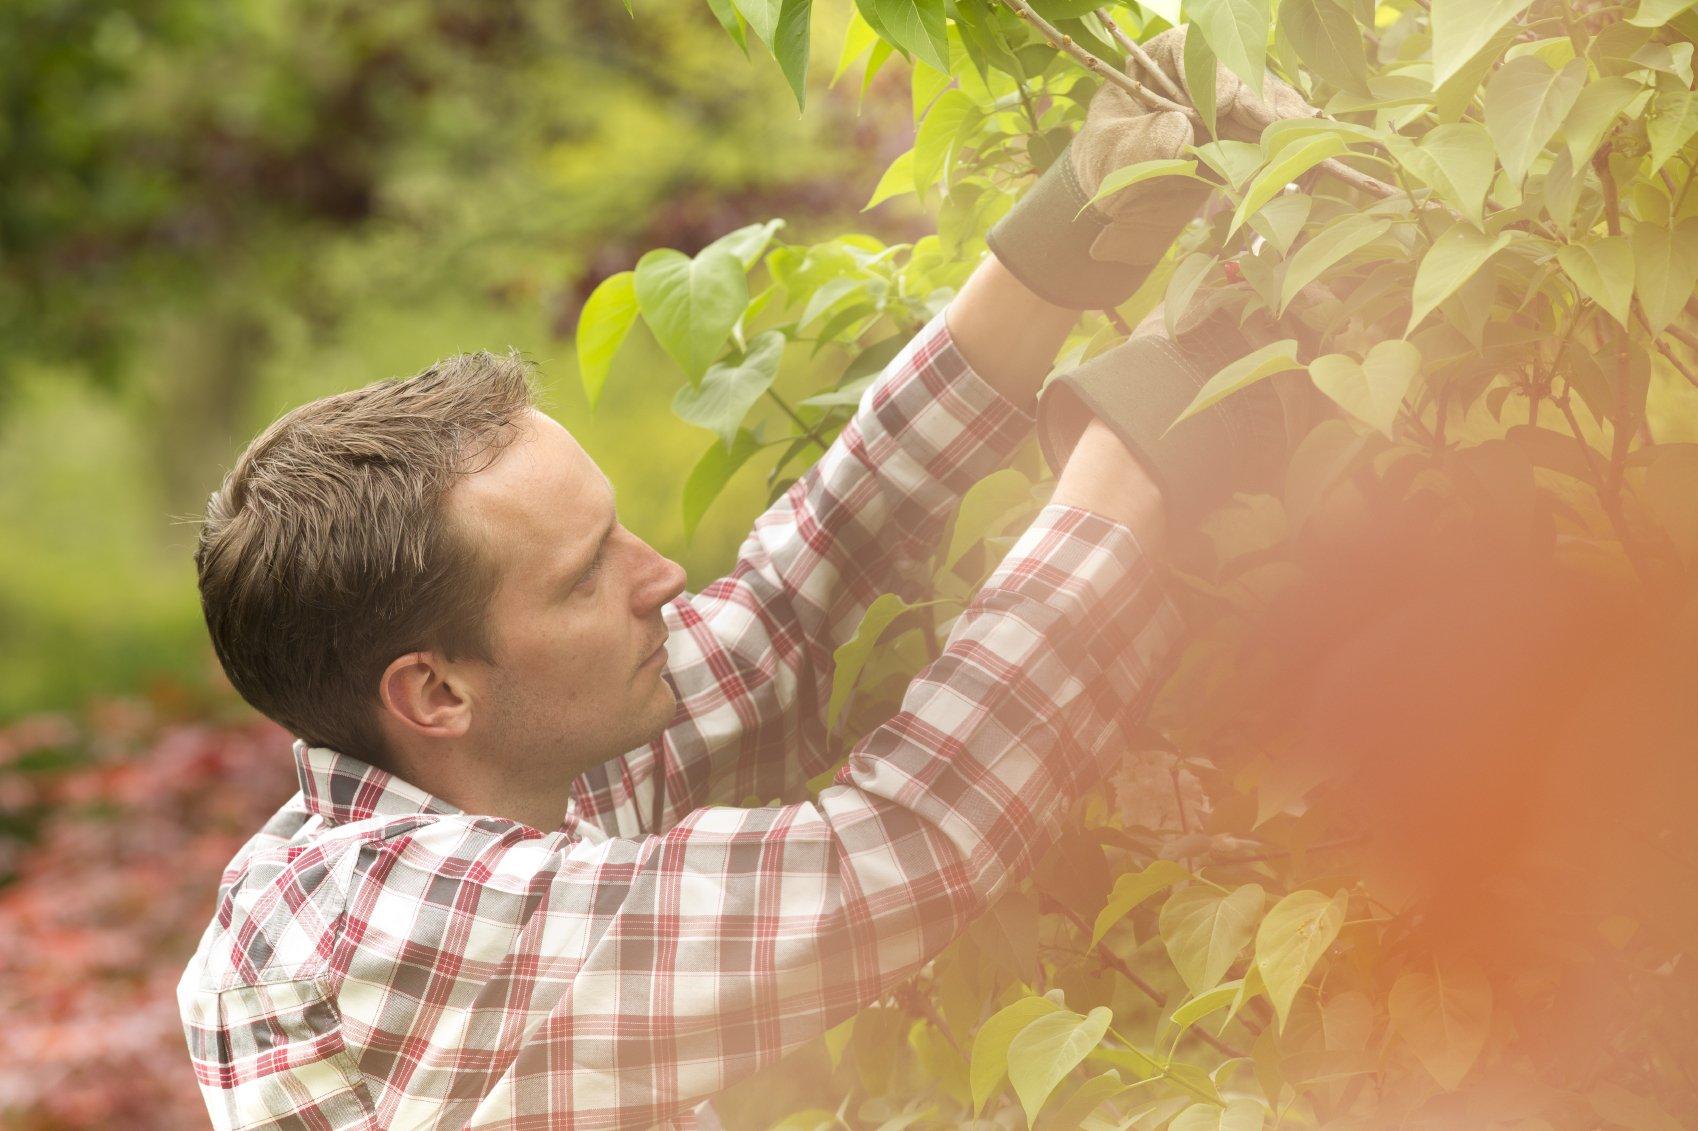 Landwirt_Pflanze schneiden